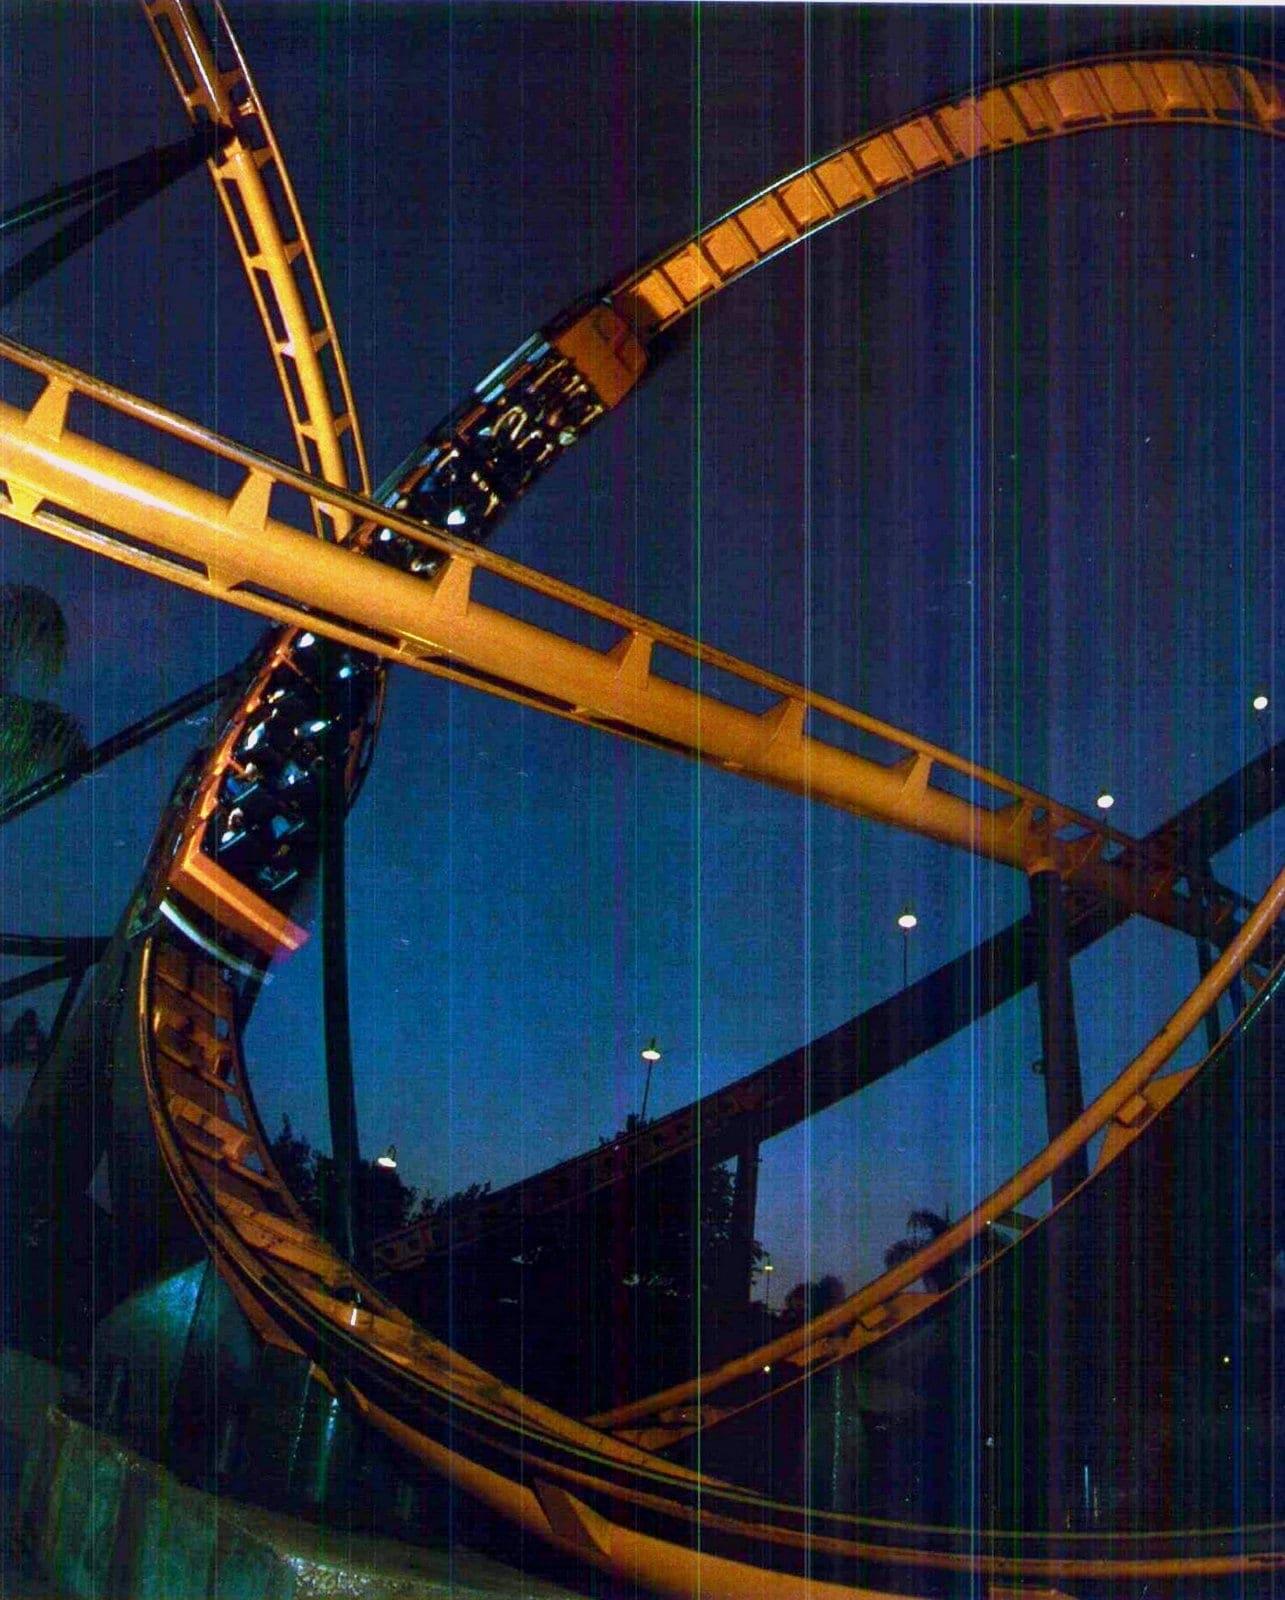 Old Busch Gardens amusement park - Tampa 1980s (1)